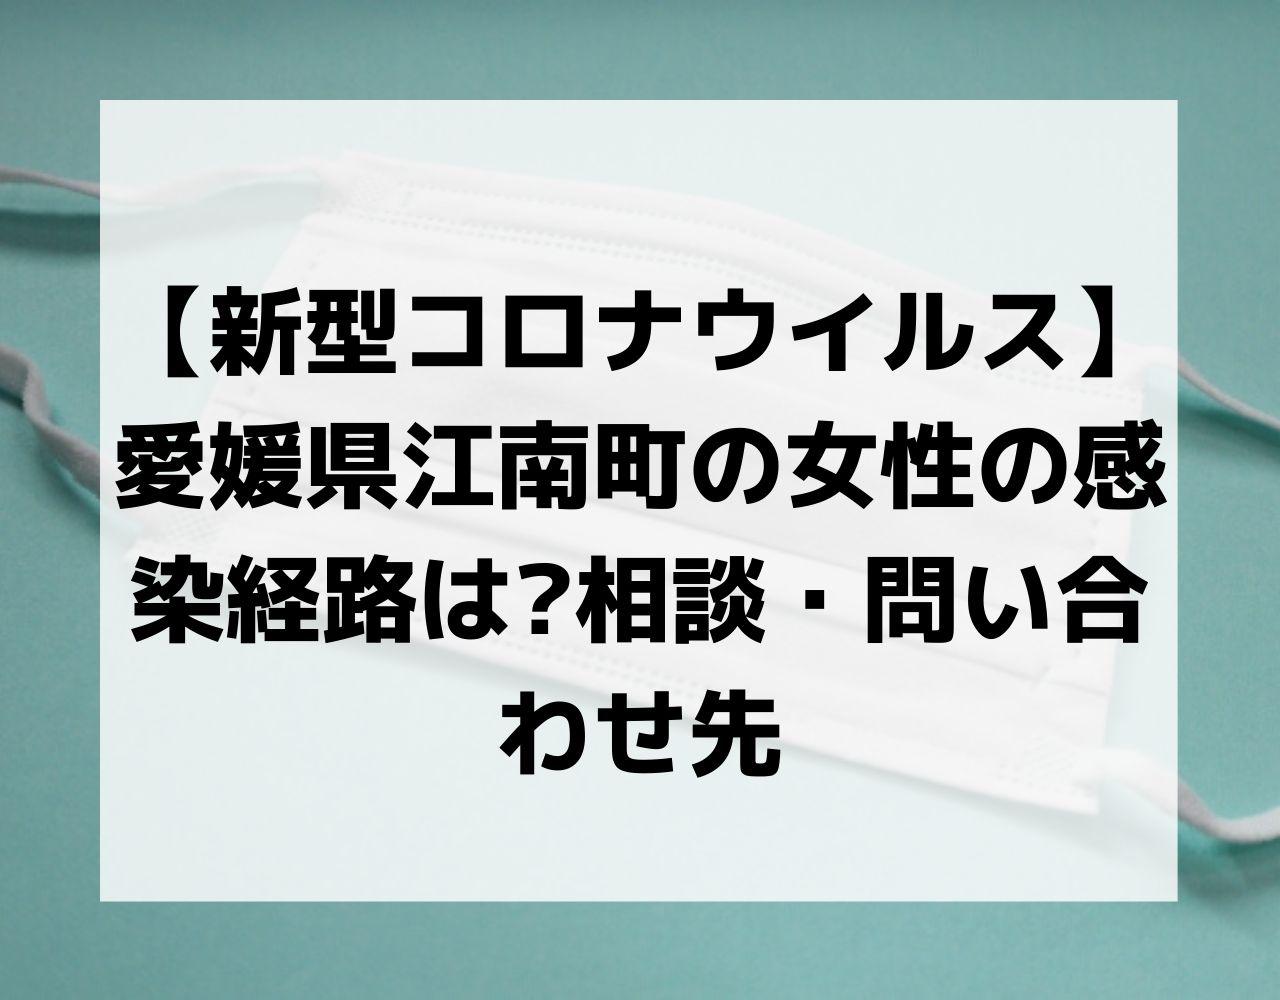 愛媛 県 コロナ 感染 者 新型コロナウイルス感染症に関する最新情報|愛媛|愛媛新聞ONLINE